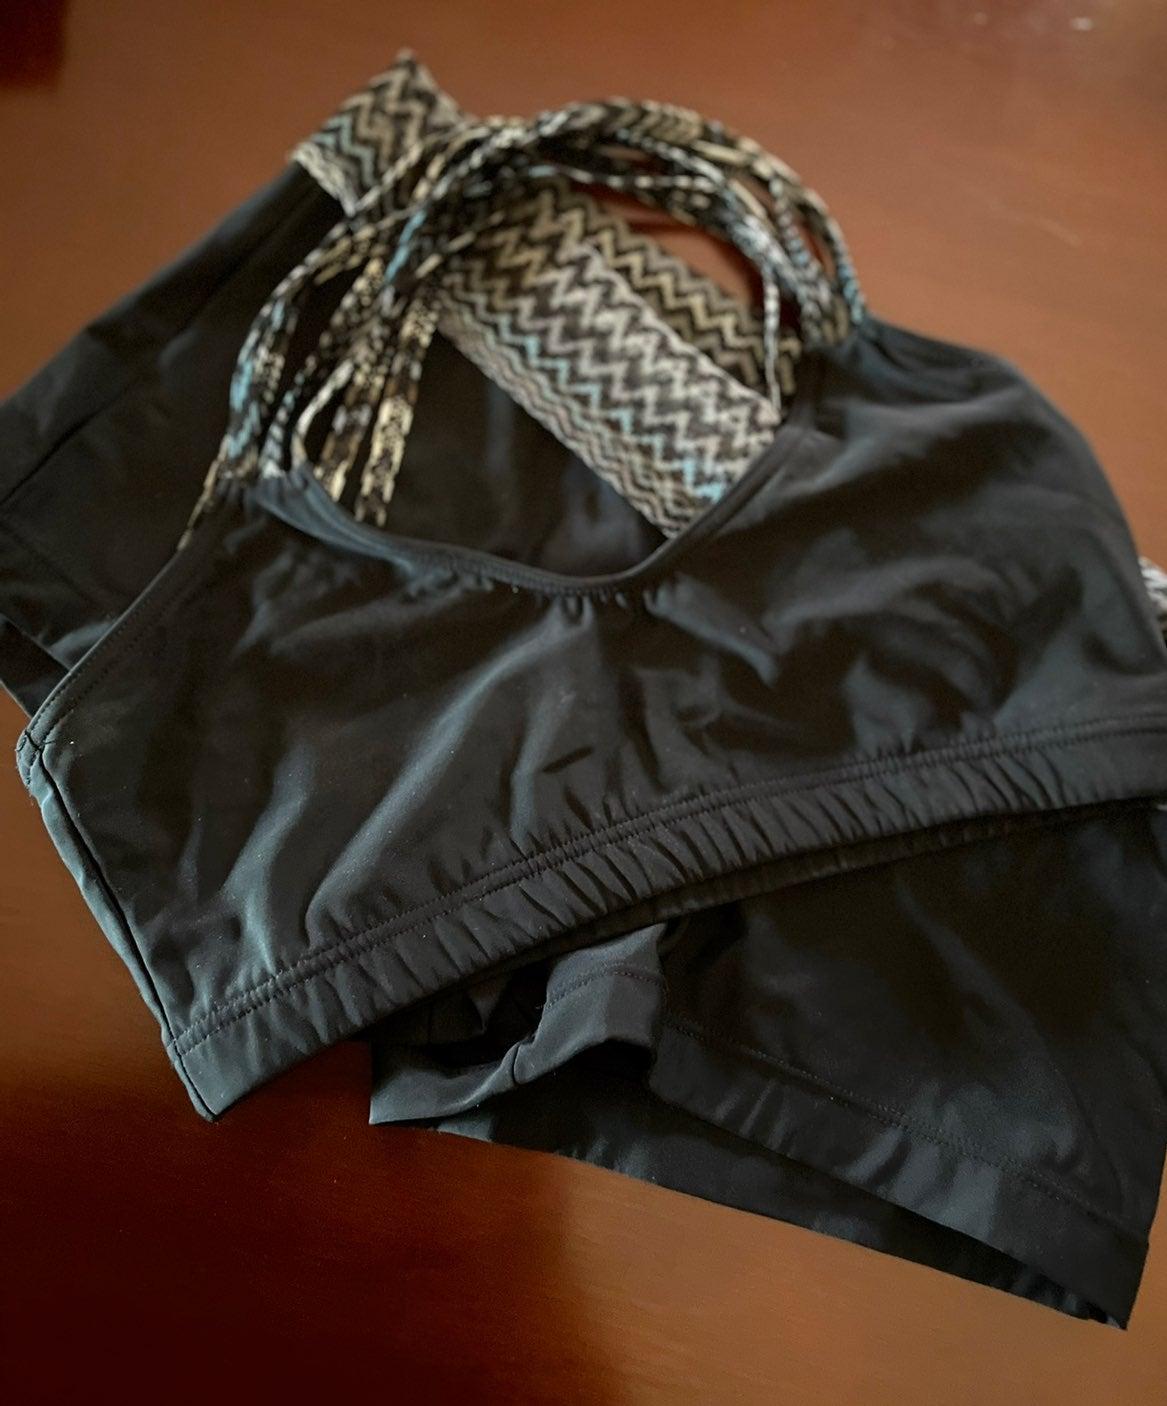 Capezio 2 pc Dance Outfit Top & Shorts